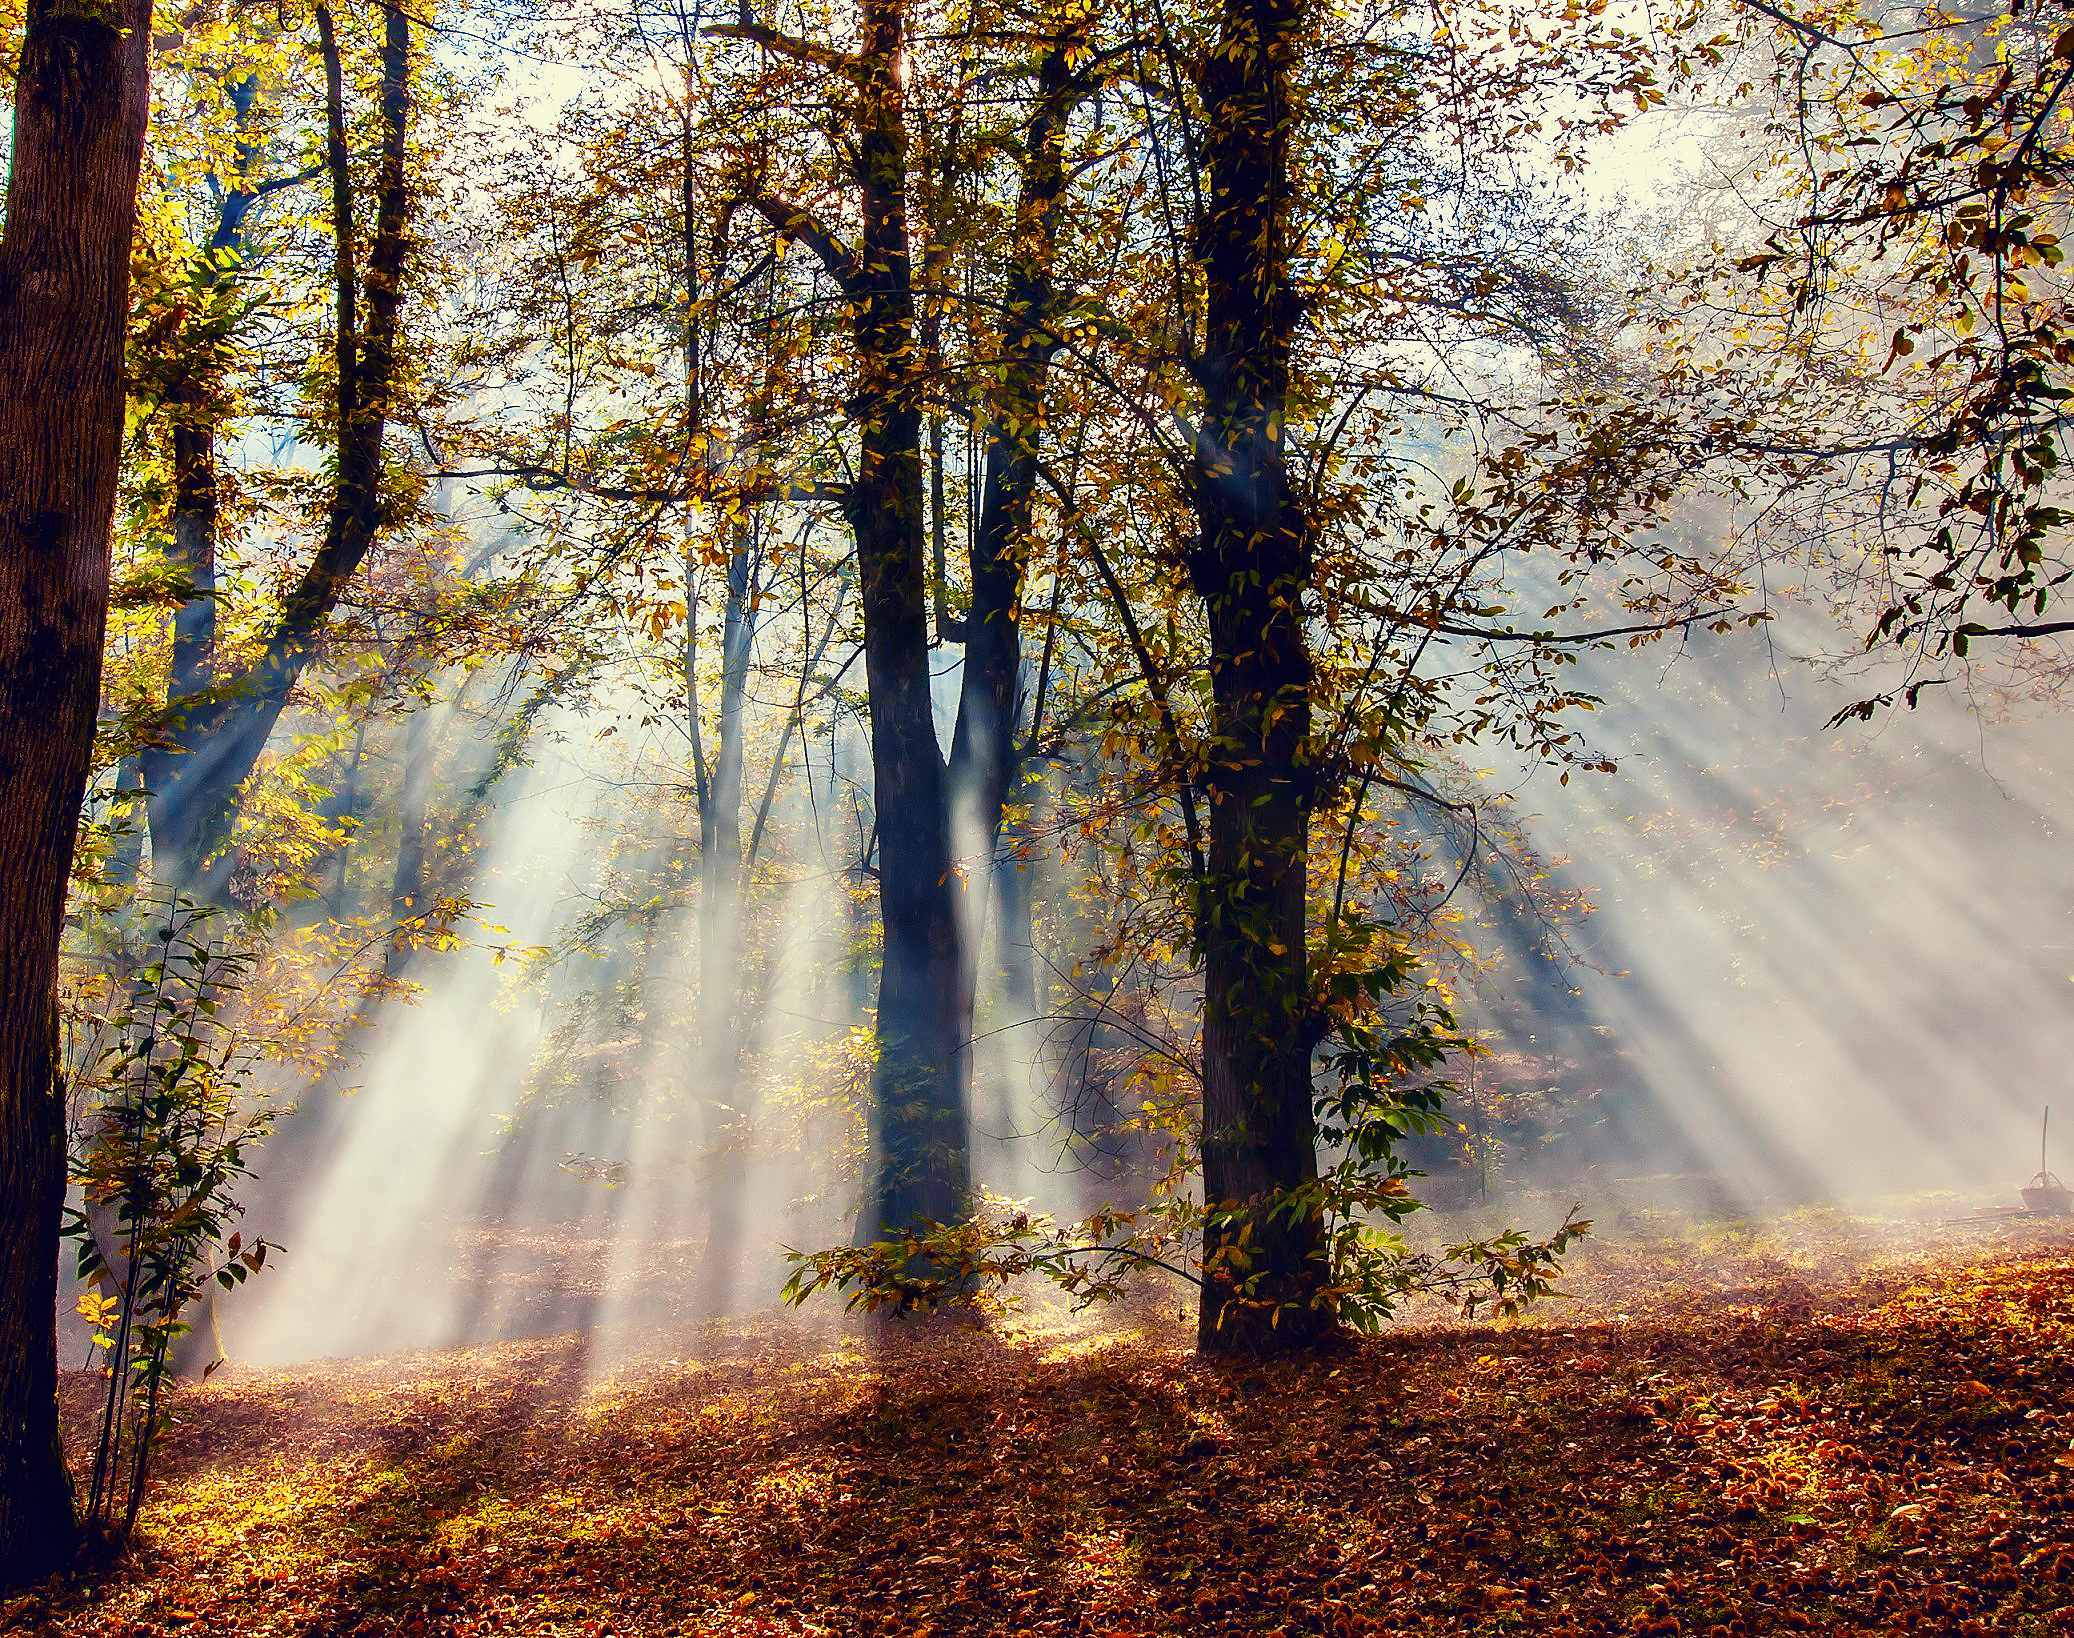 деревья листва осень солнце  № 3191707 загрузить